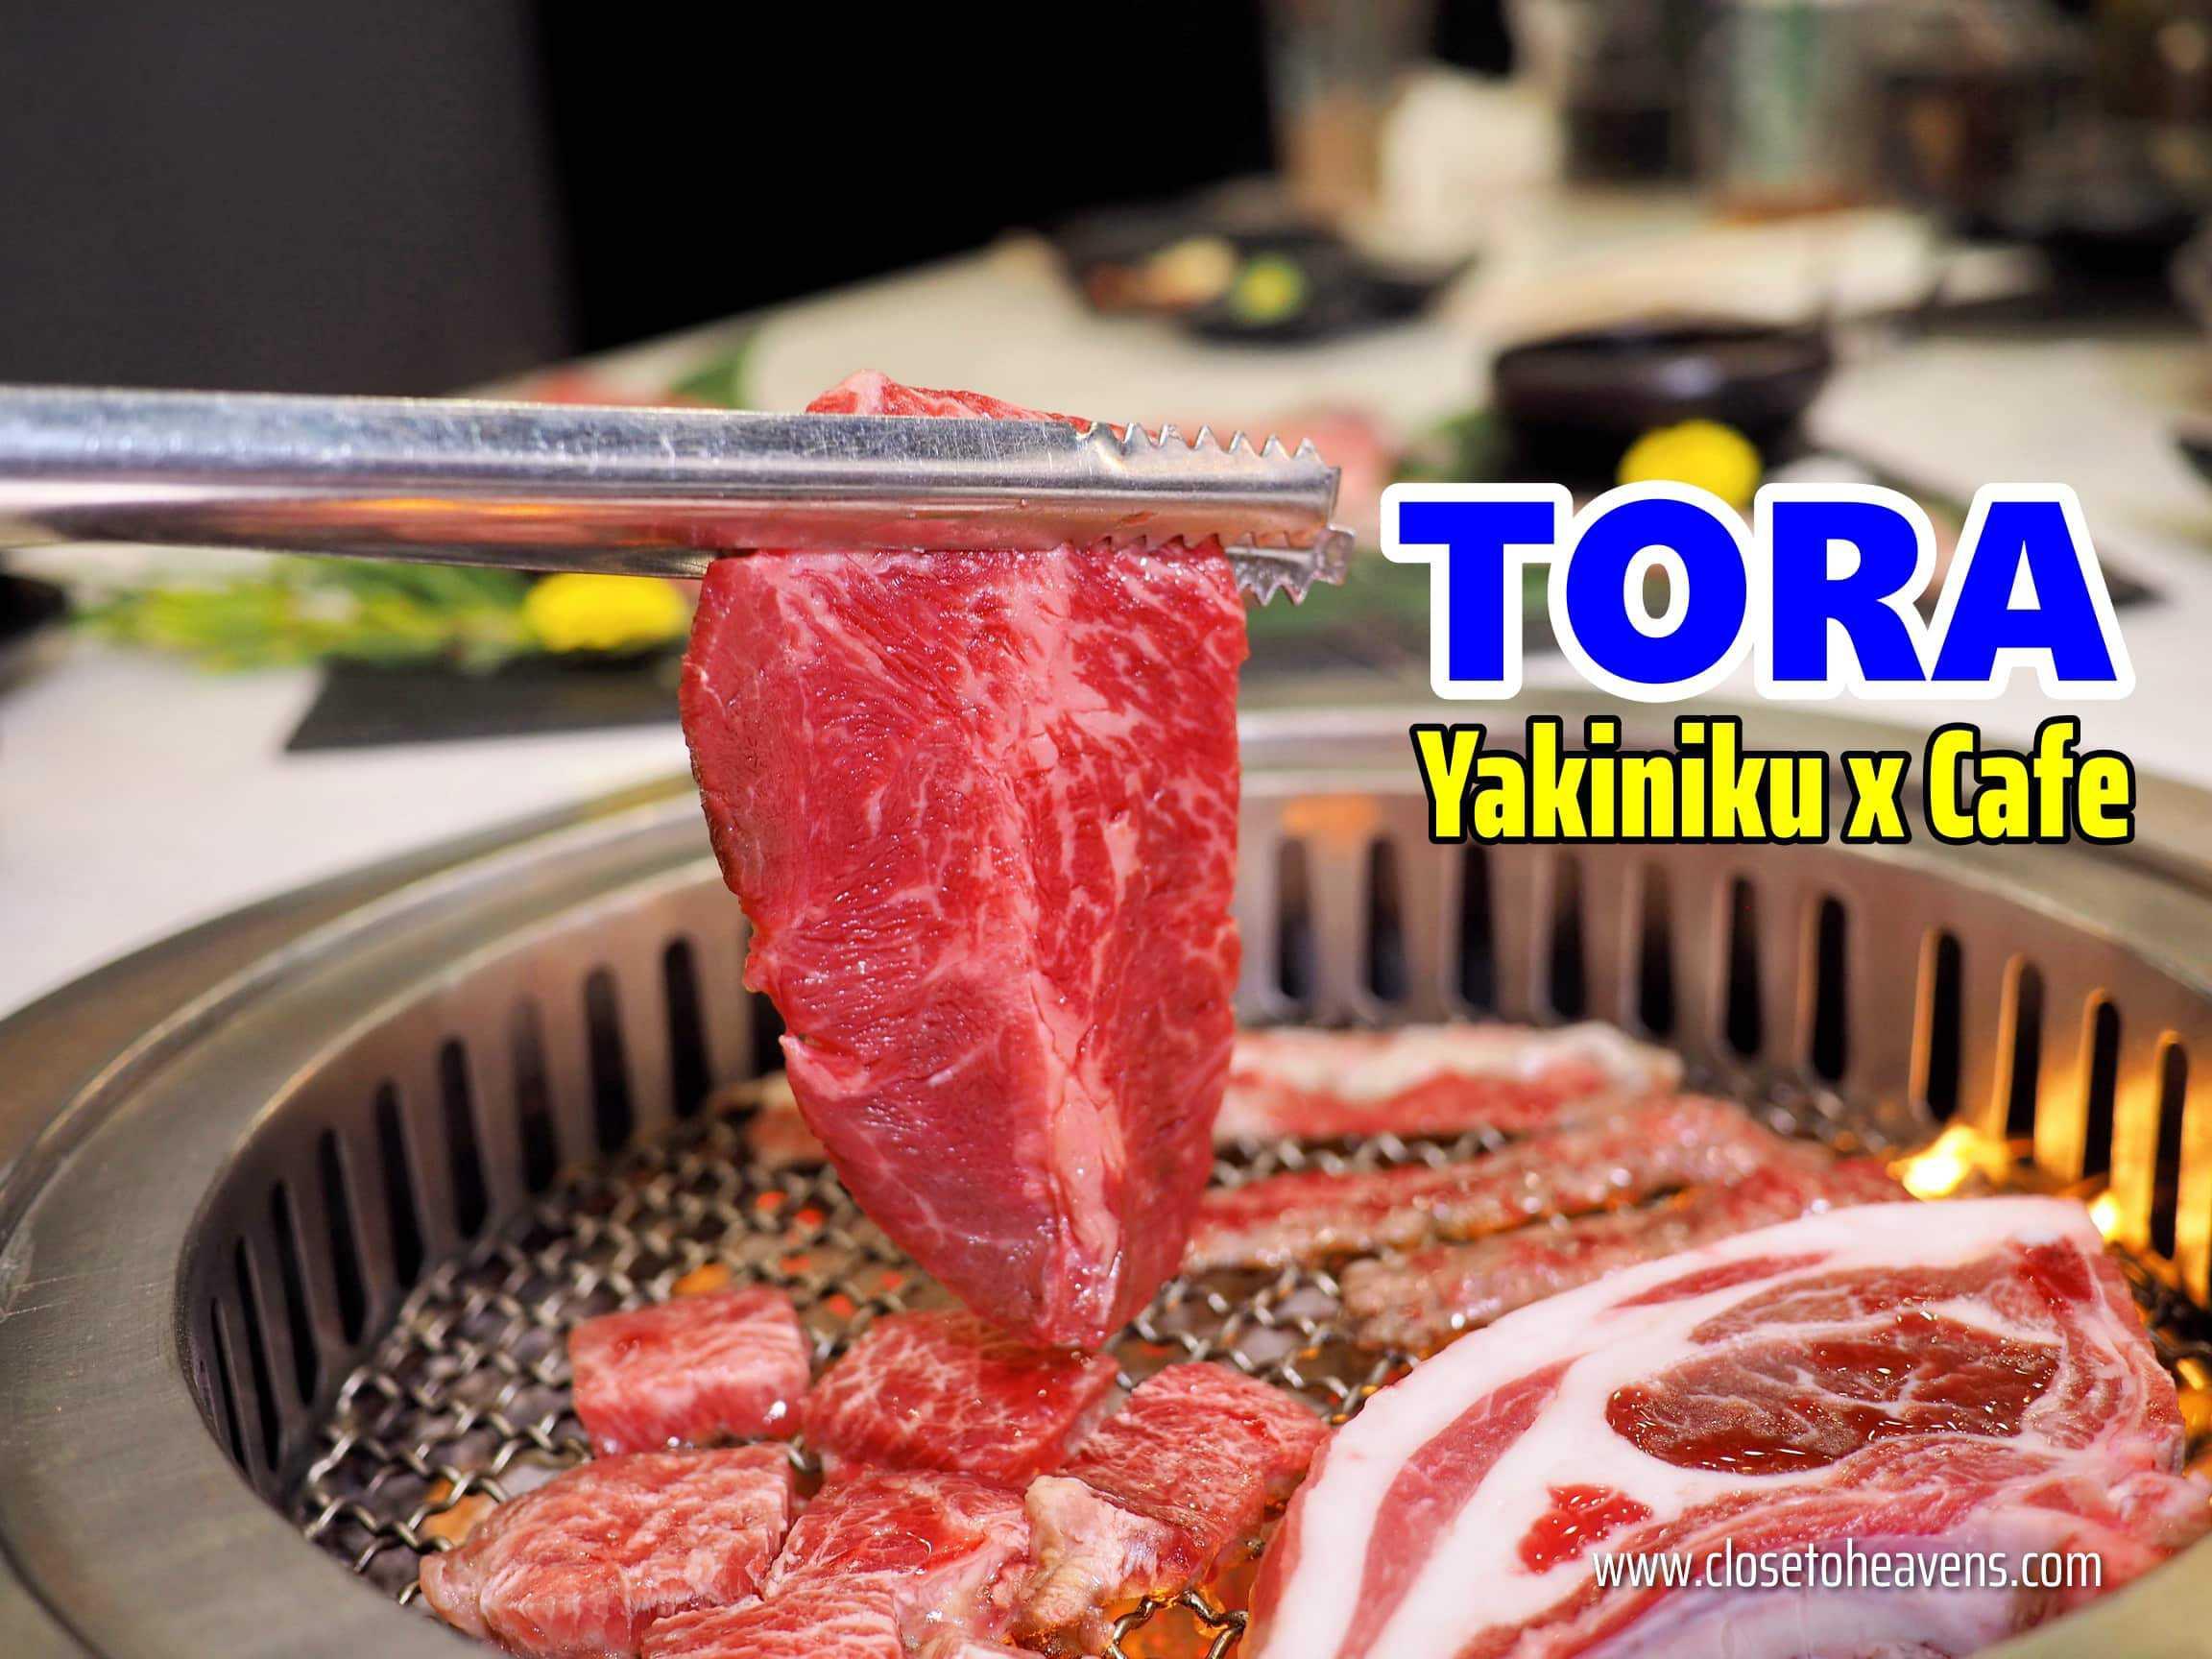 TORA Yakiniku x Café เพิ่มเมนูใหม่ พรีเมียมยิ่งกว่าเดิม